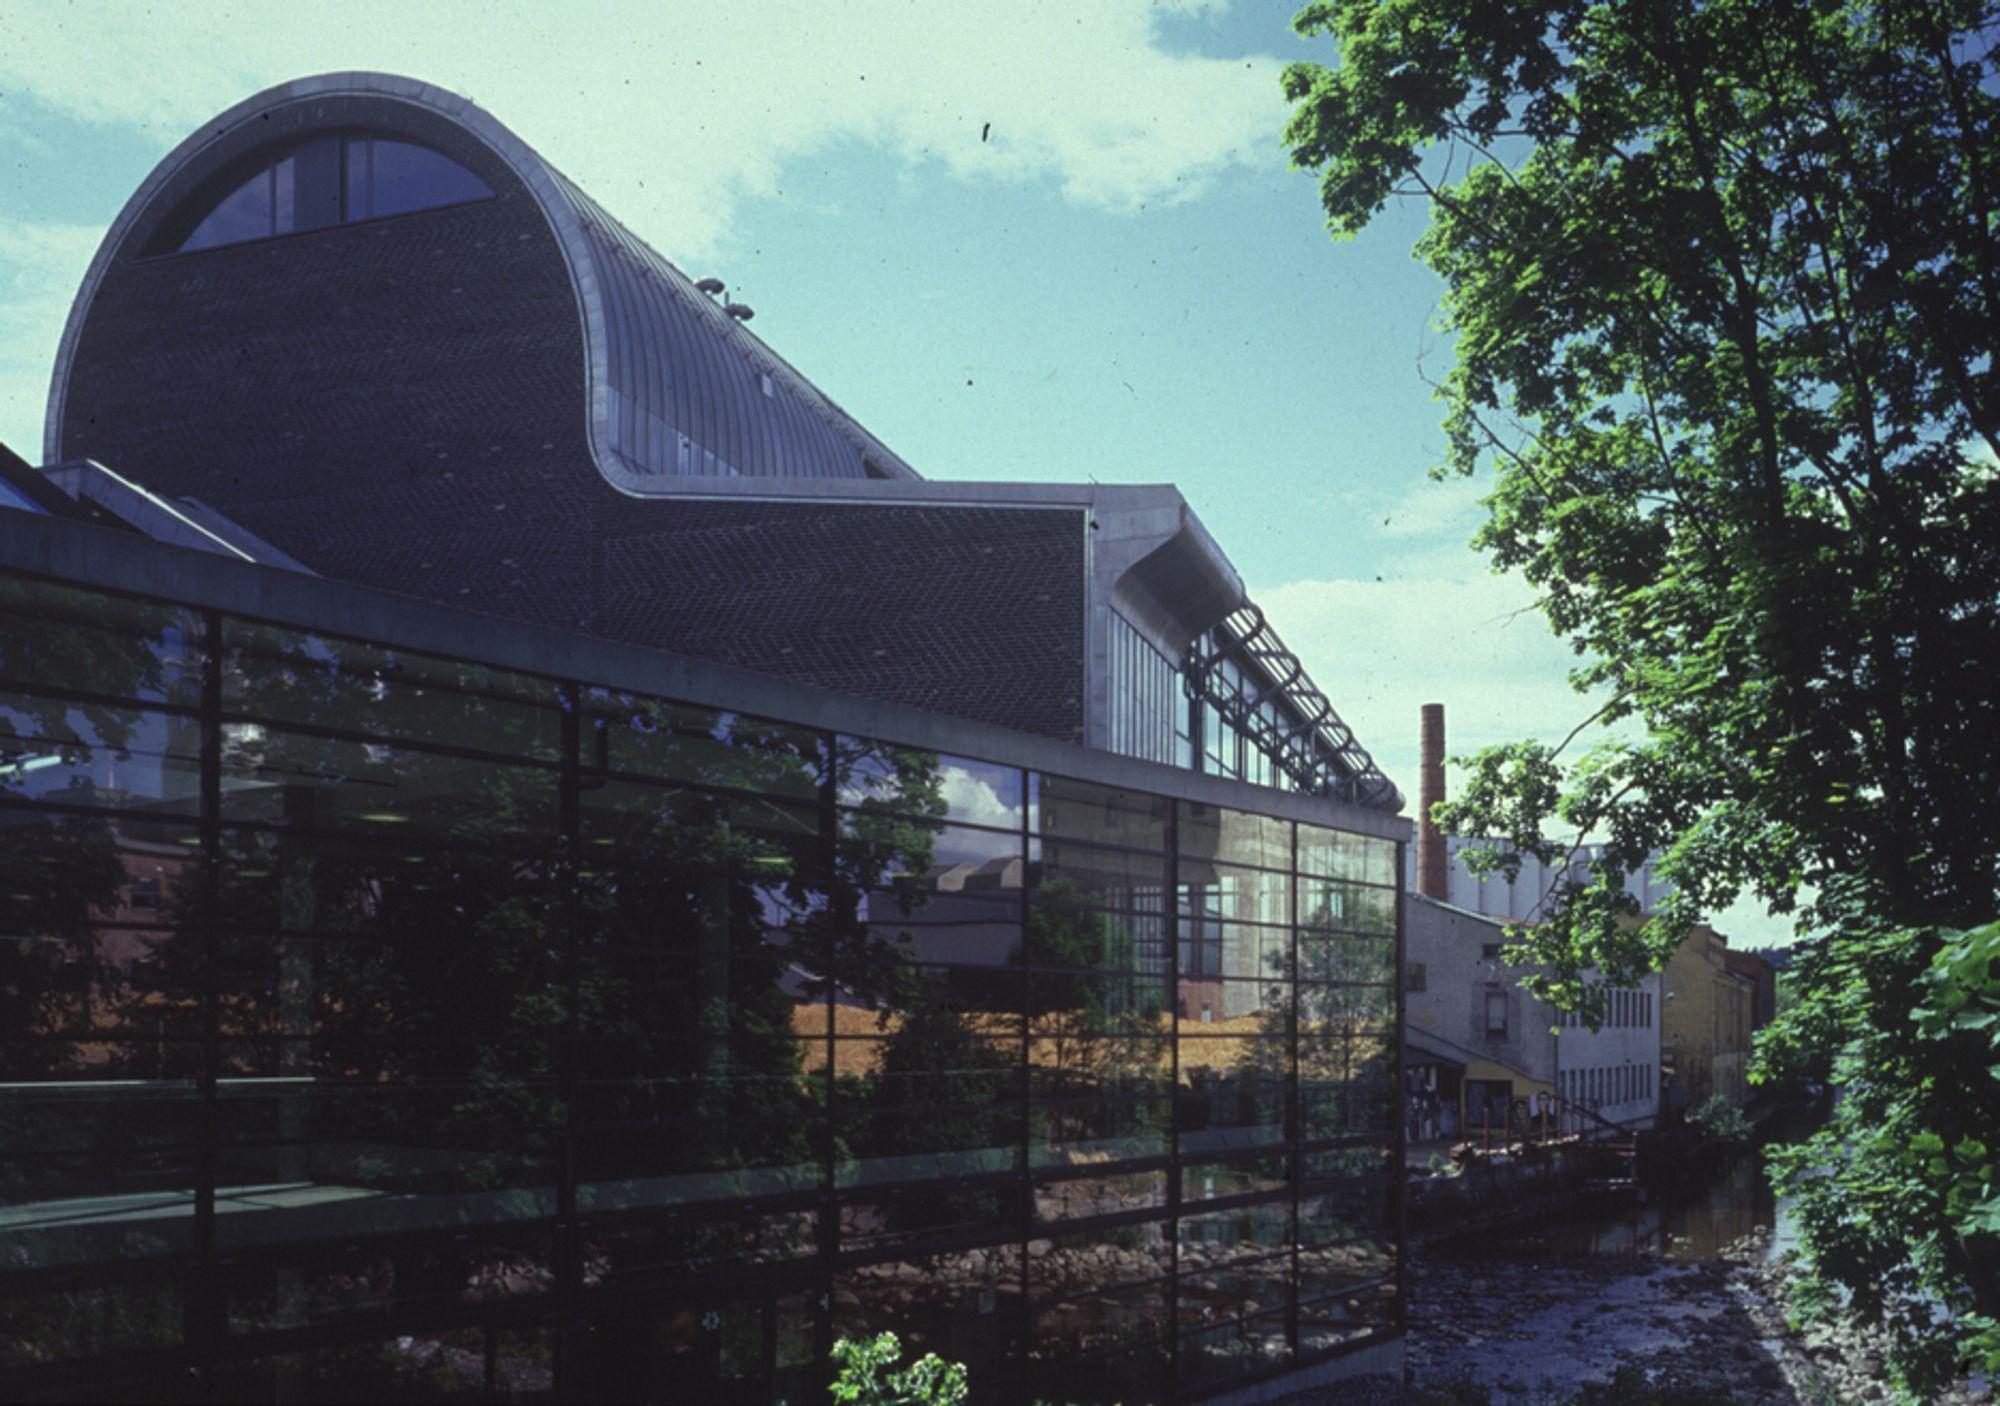 ESTETISK: Møllebyen i Moss vant Statens Byggeskikkpris i 2003. Vellykket kombinasjon av nytt og gammelt var en av begrunnelsene. Byggforsk peker på svakheter i takkonstruksjonen som kan gi fuktskader.